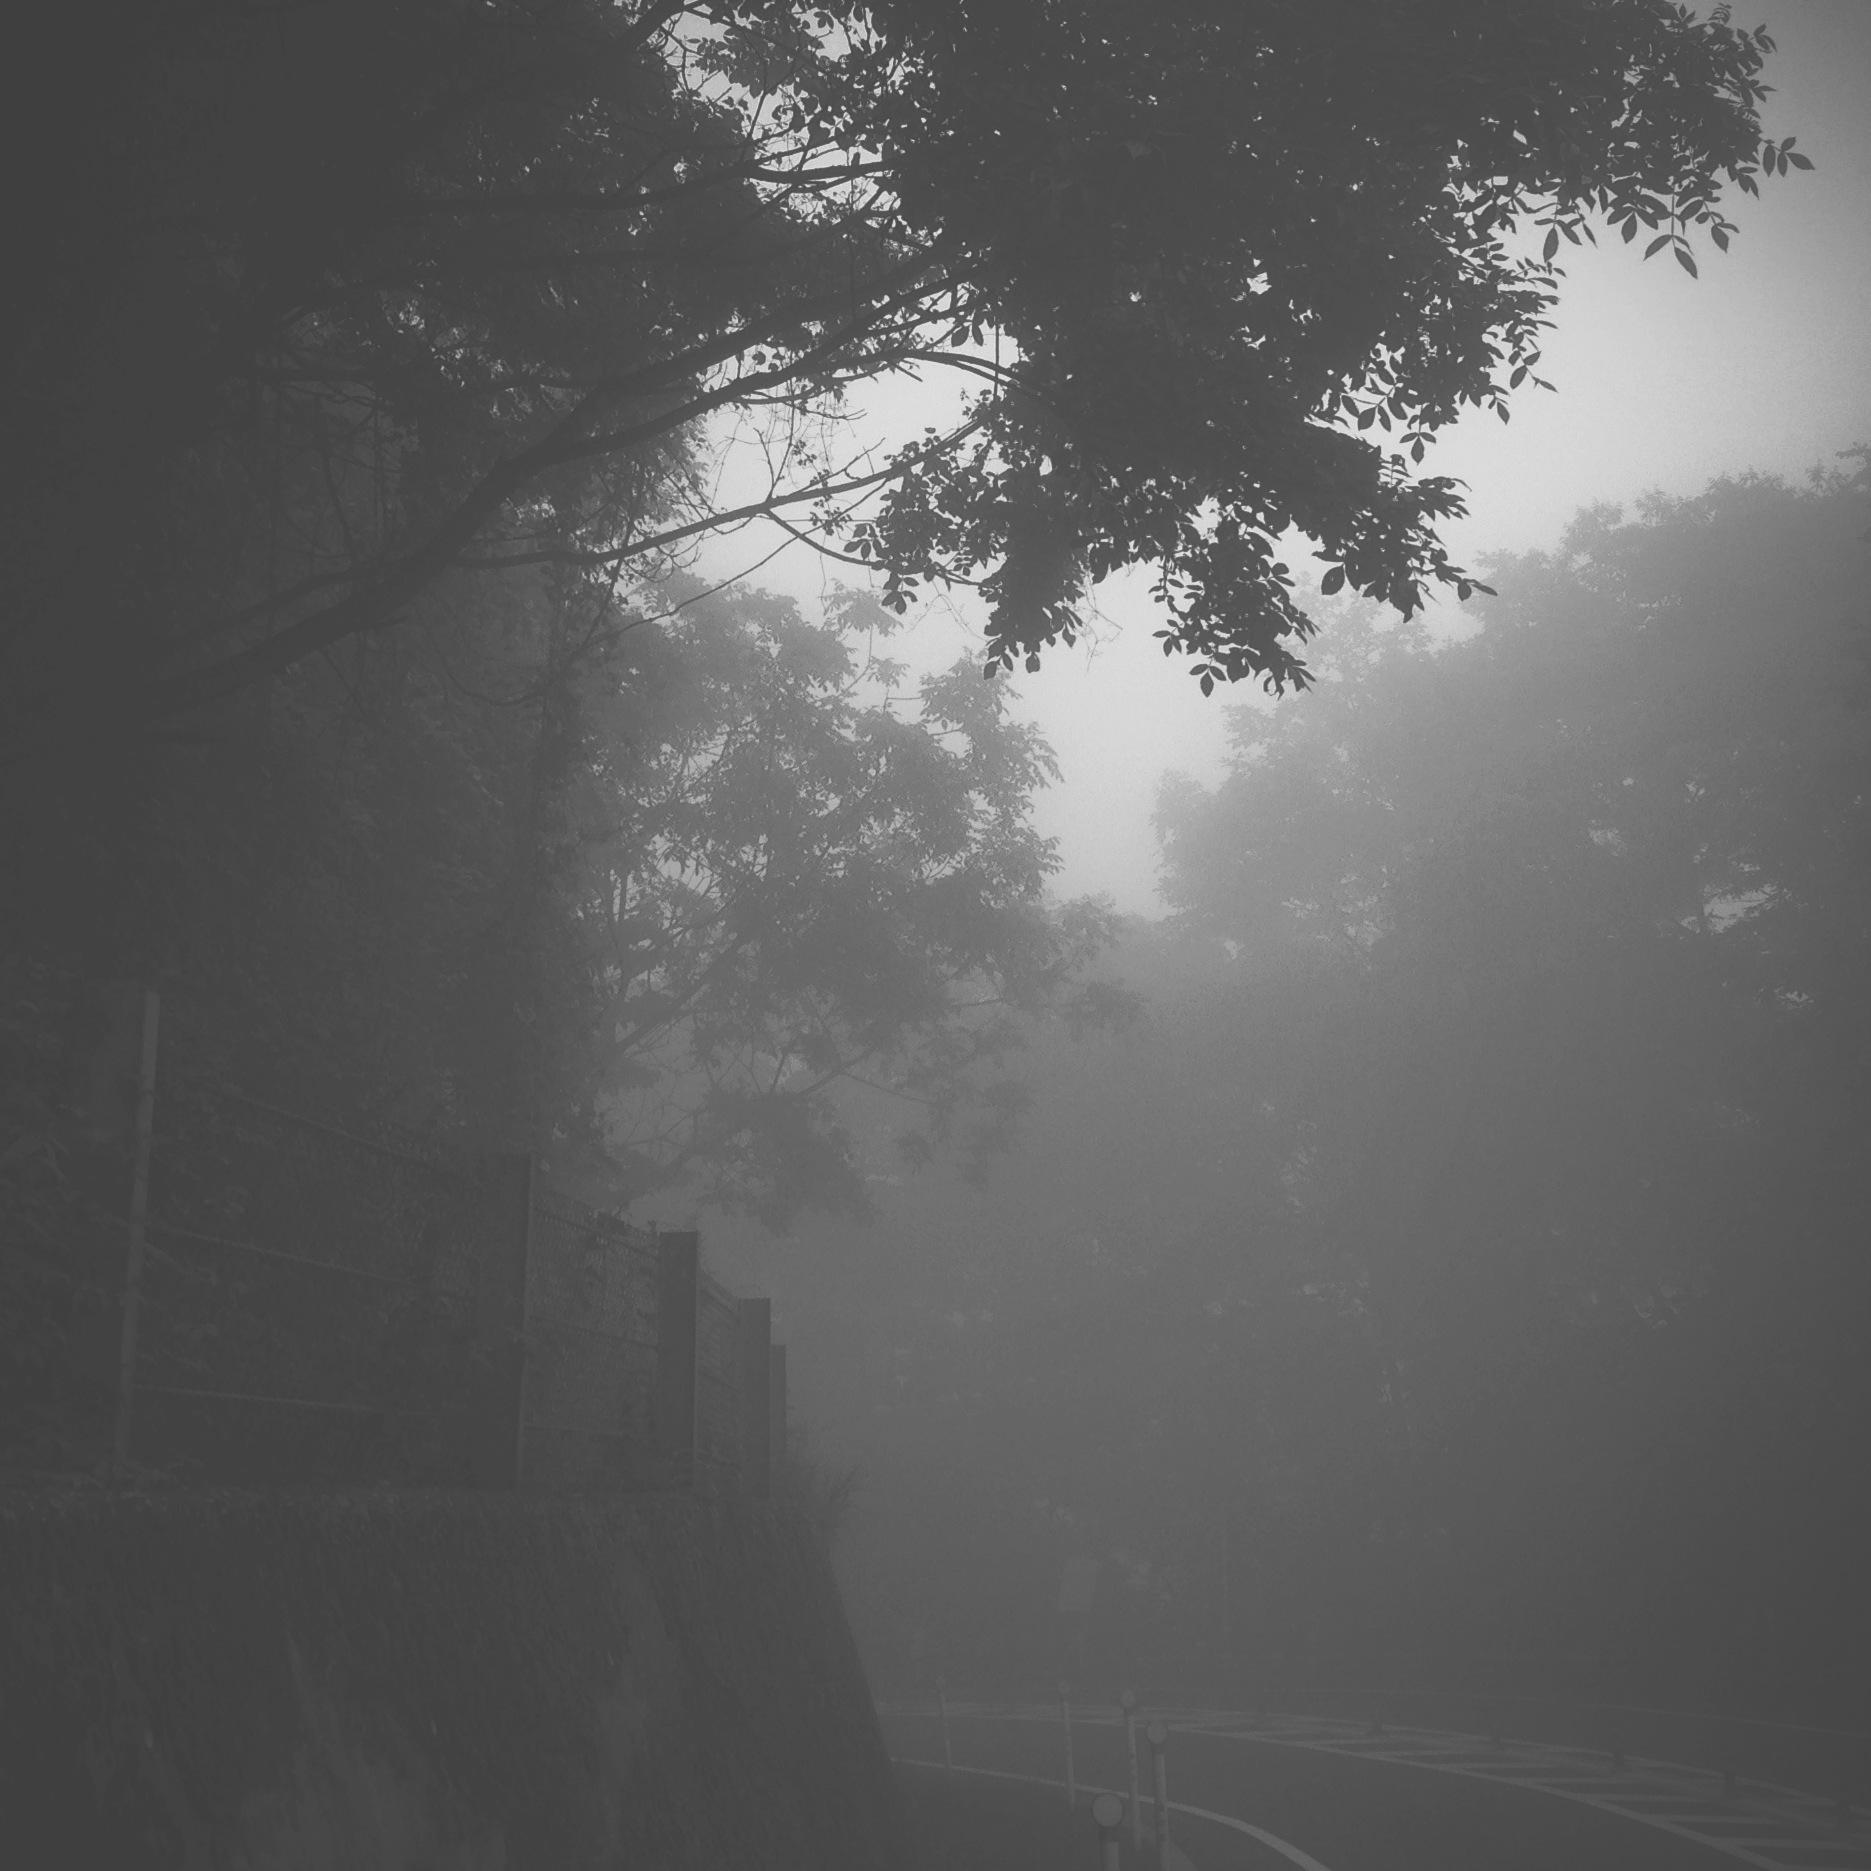 都民の森 mist at 7am.